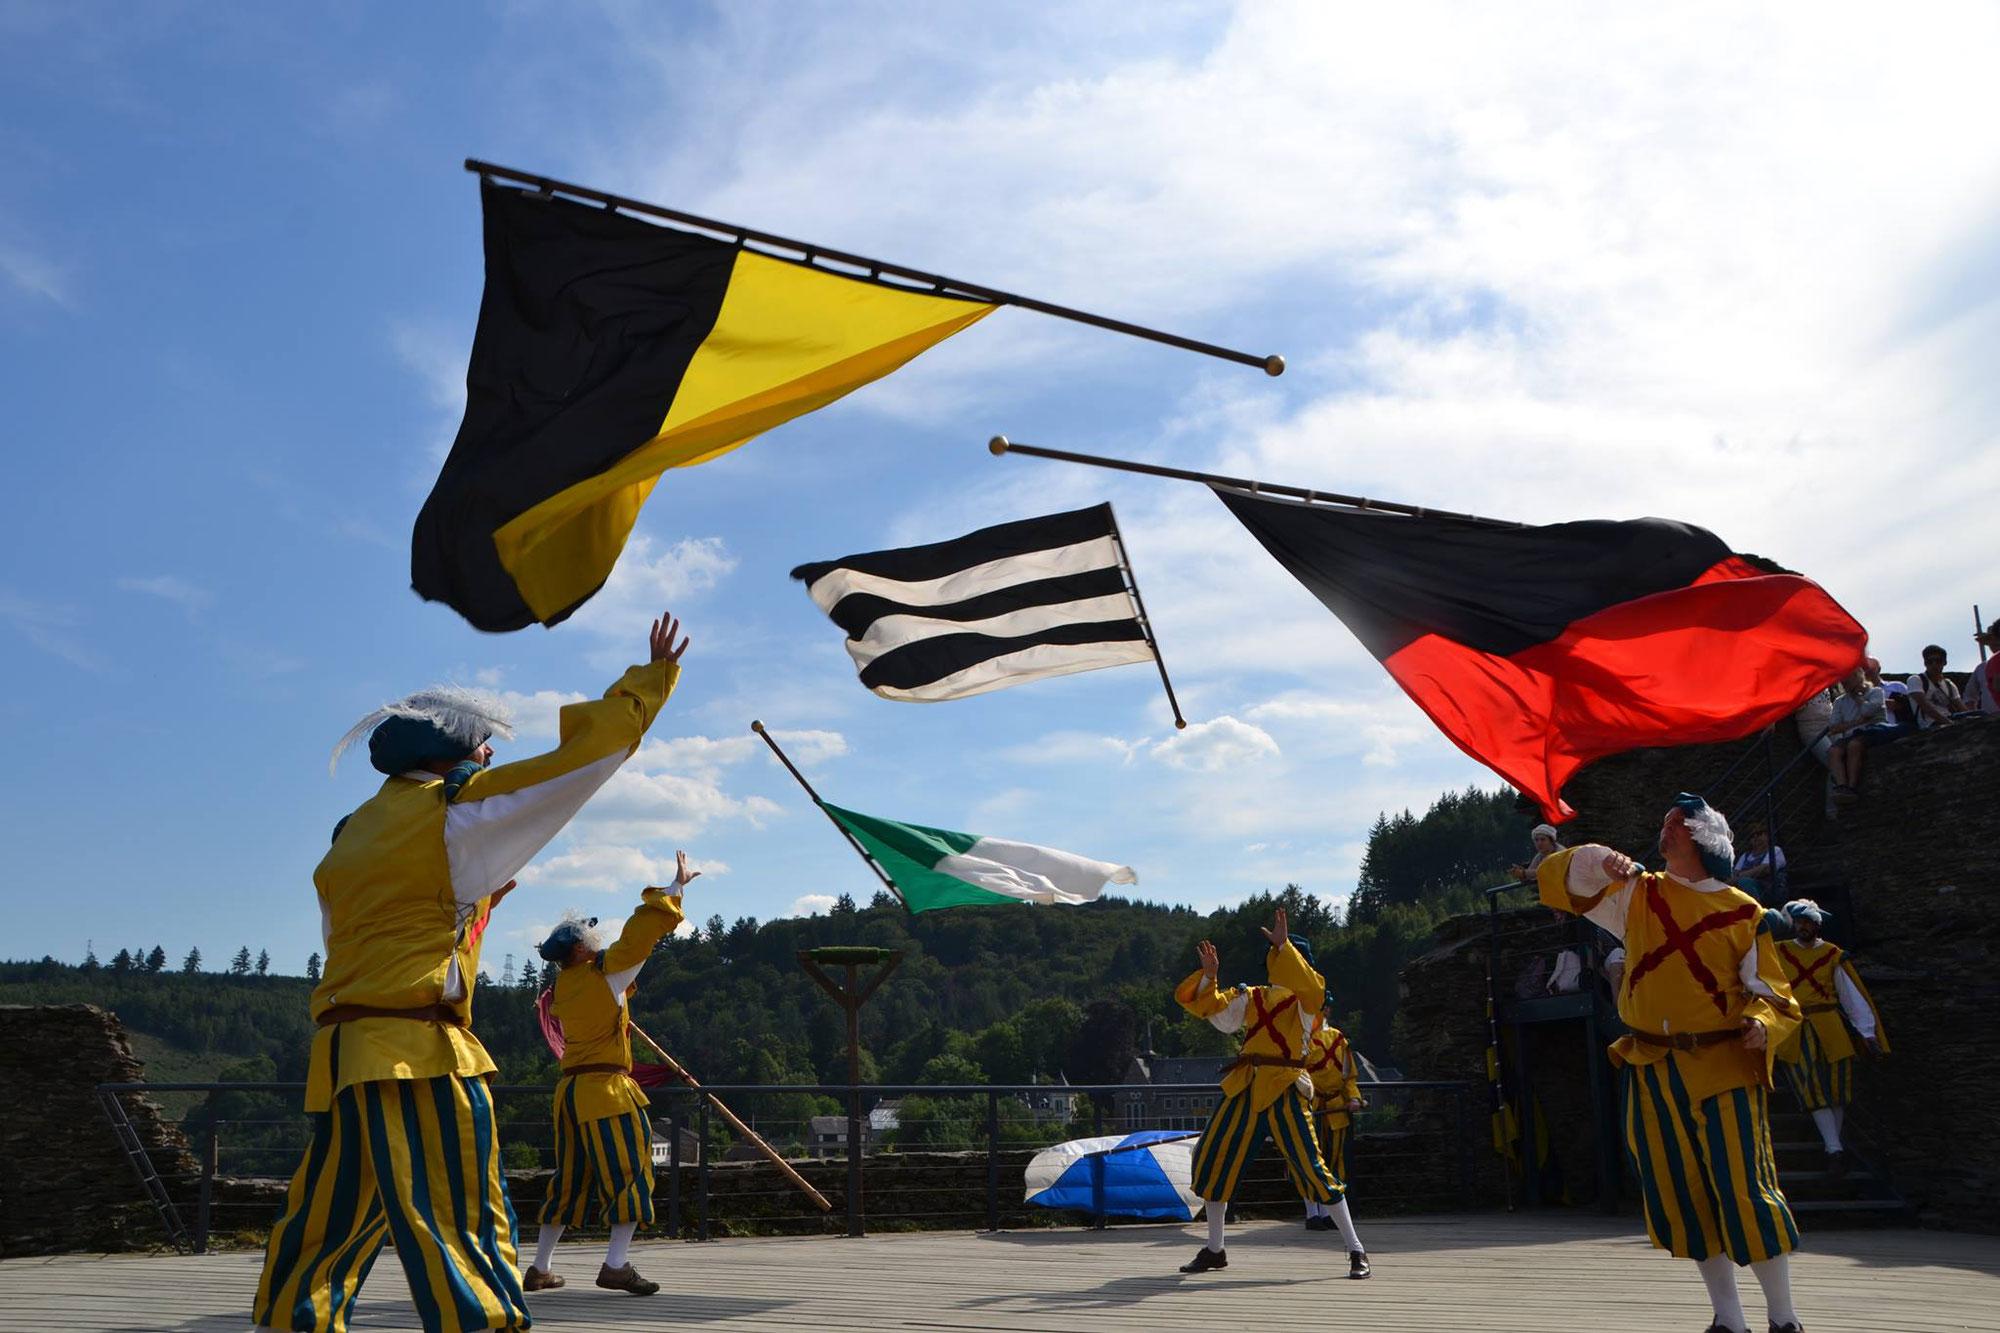 """Résultat de recherche d'images pour """"championnat du monde de lancer de drapeaux photos"""""""